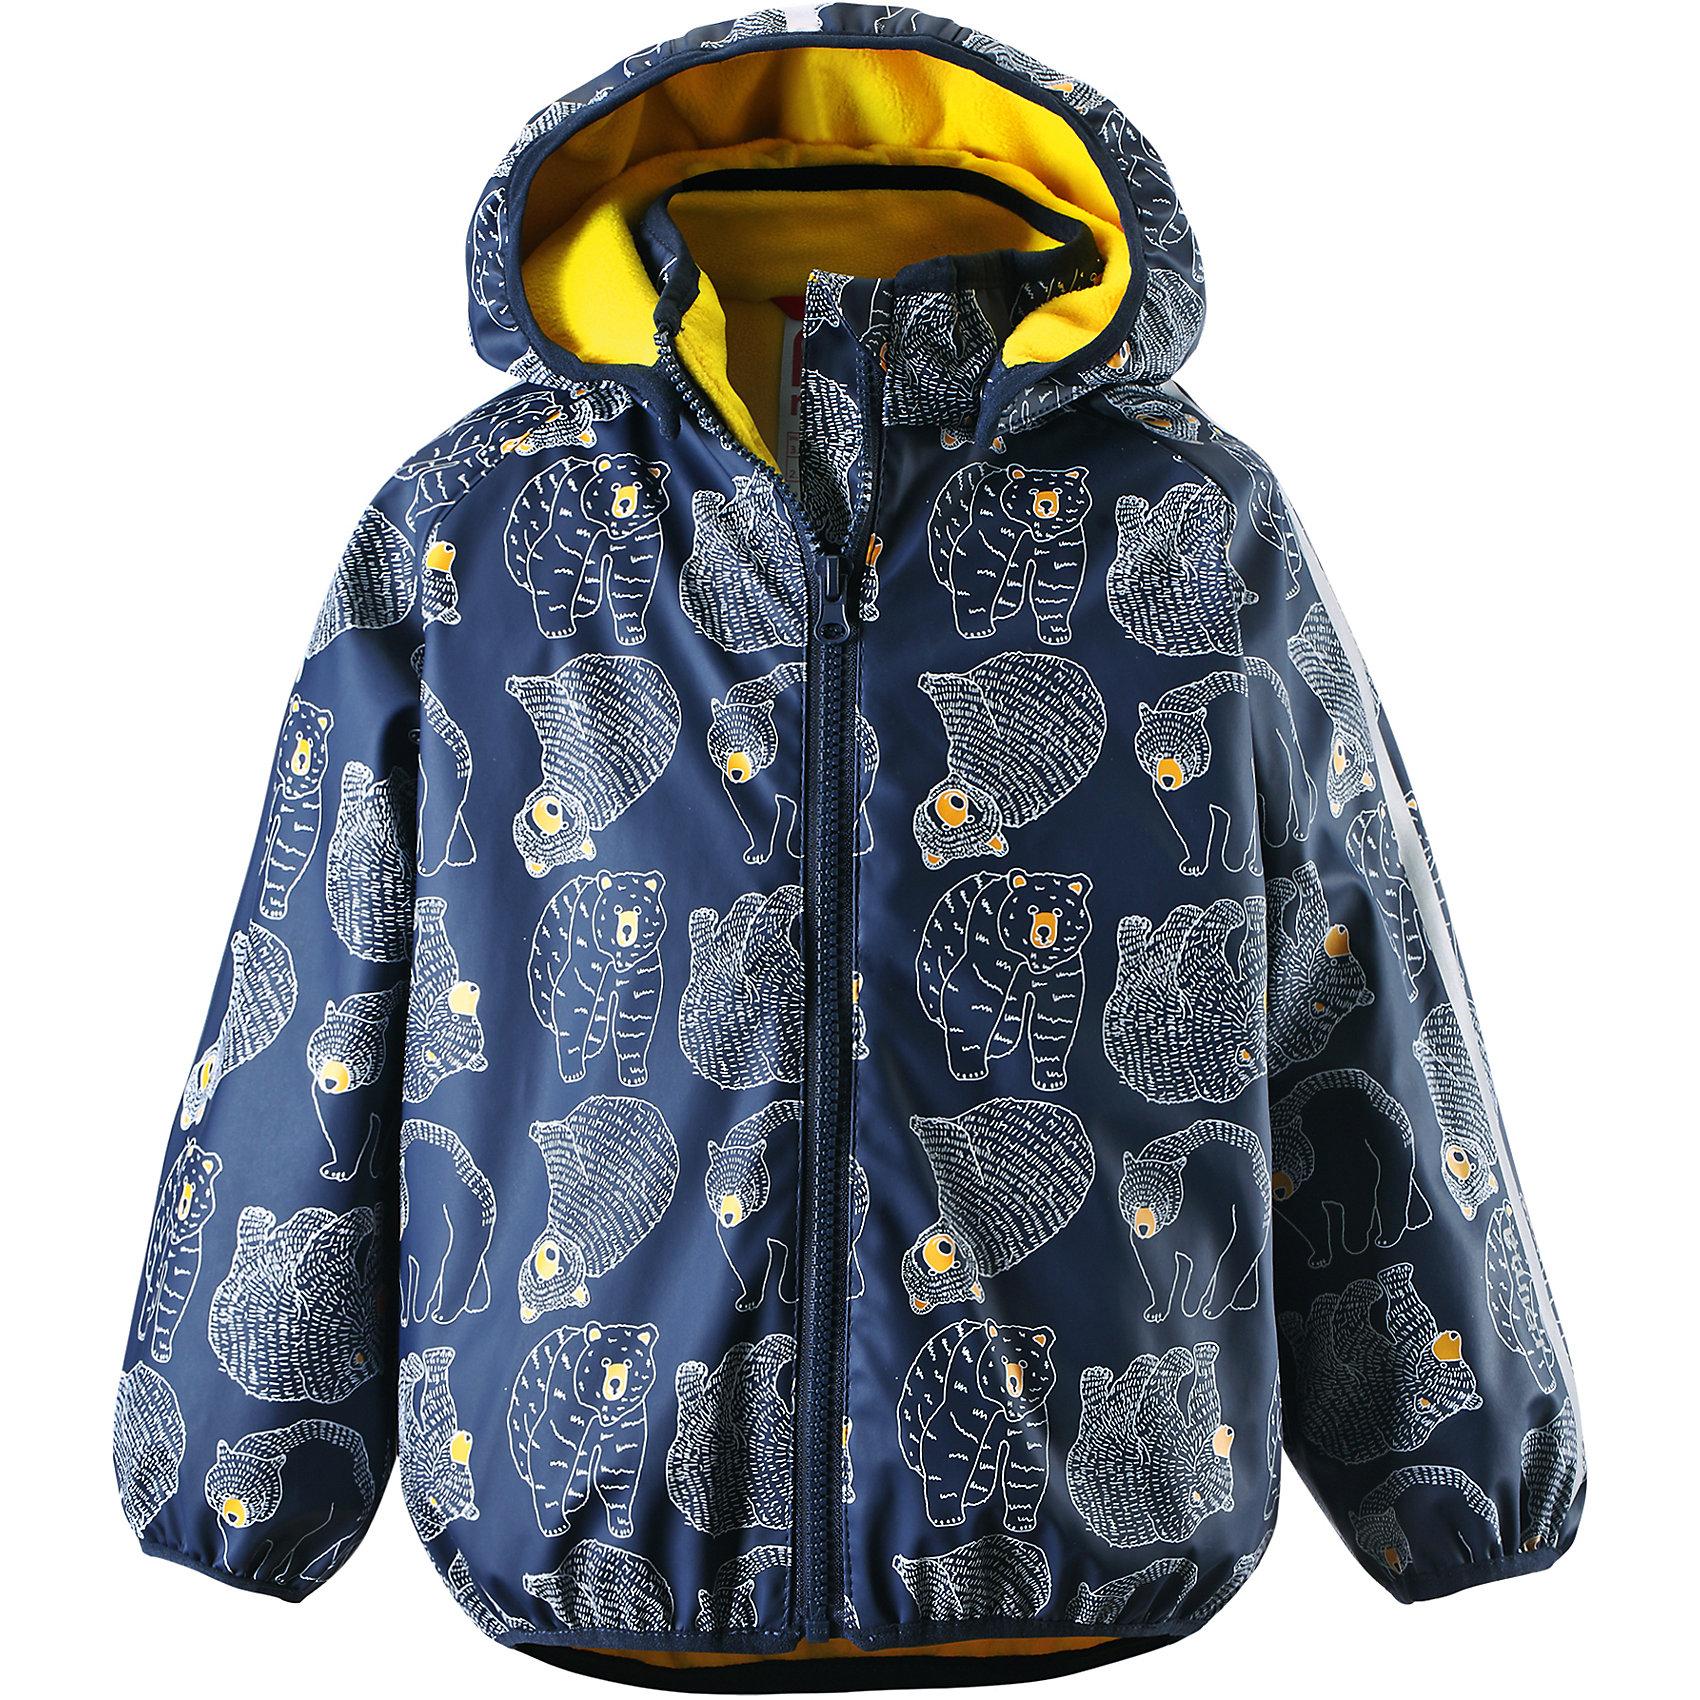 Плащ-дождевик Koski для мальчика ReimaПлащ-дождевик  Reima<br>Куртка-дождевик для детей. Запаянные швы, не пропускающие влагу. Эластичный материал. Без ПХВ. Мягкая теплая подкладка из флиса. Безопасный, съемный капюшон. Эластичная резинка на кромке капюшона, манжетах и подоле. Молния спереди. Принт по всей поверхности. Безопасные светоотражающие детали.<br>Уход:<br>Стирать по отдельности, вывернув наизнанку. Застегнуть молнии и липучки. Стирать моющим средством, не содержащим отбеливающие вещества. Полоскать без специального средства. Во избежание изменения цвета изделие необходимо вынуть из стиральной машинки незамедлительно после окончания программы стирки. Сушить при низкой температуре.<br>Состав:<br>100% Полиамид, полиуретановое покрытие<br><br>Ширина мм: 356<br>Глубина мм: 10<br>Высота мм: 245<br>Вес г: 519<br>Цвет: синий<br>Возраст от месяцев: 60<br>Возраст до месяцев: 72<br>Пол: Мужской<br>Возраст: Детский<br>Размер: 116,104,98,128,86,122,92,110<br>SKU: 4777824